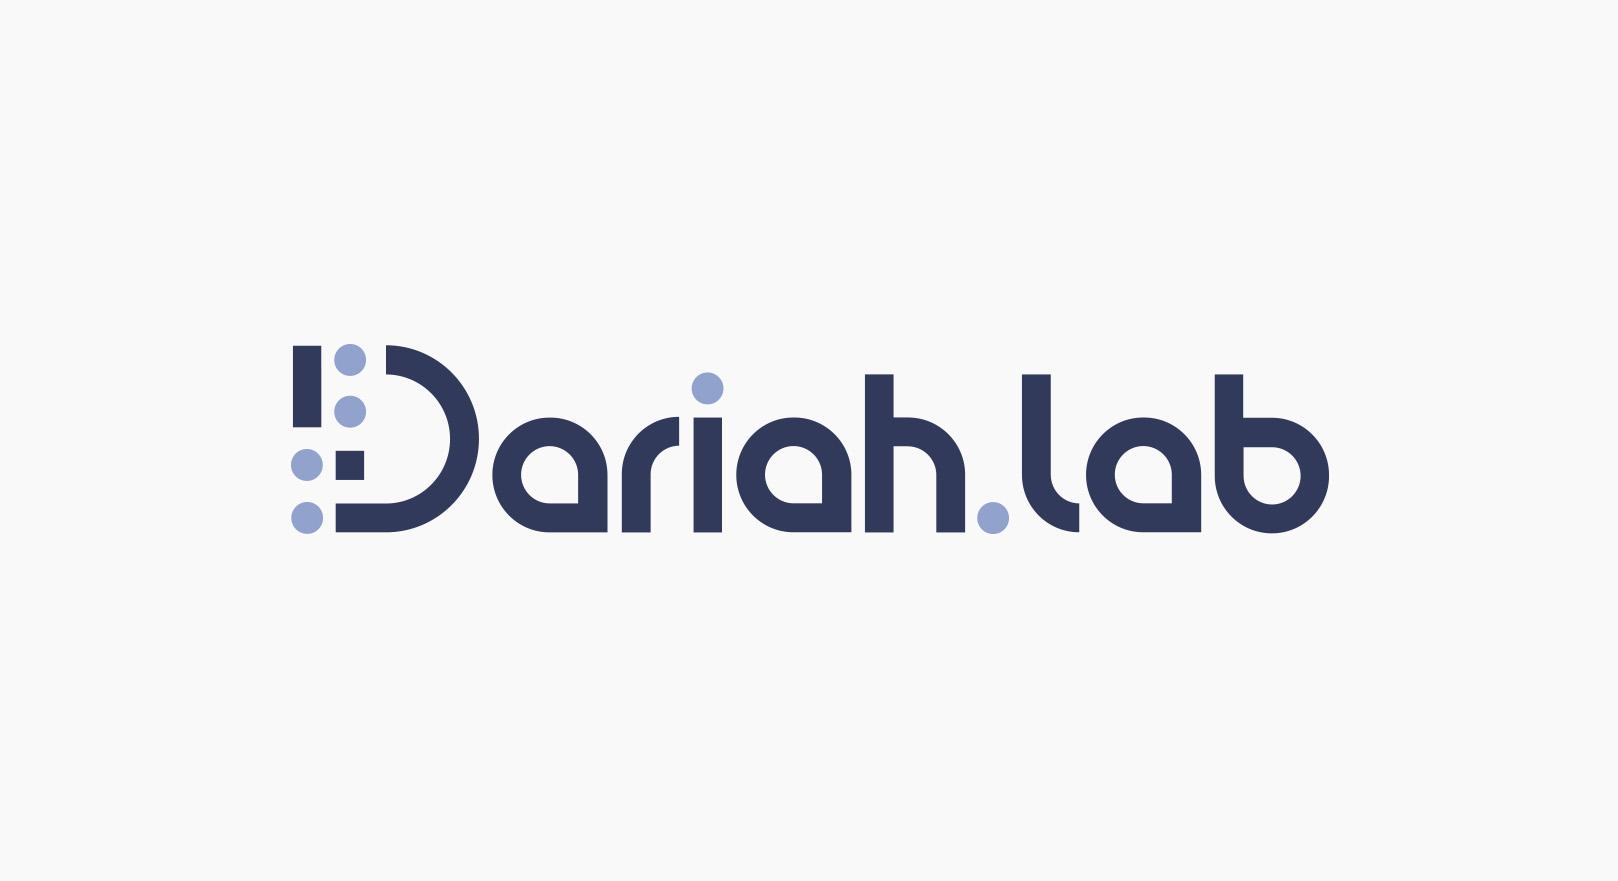 Dariah.lab - Identyfikacja wizualna - logotyp podstawowy